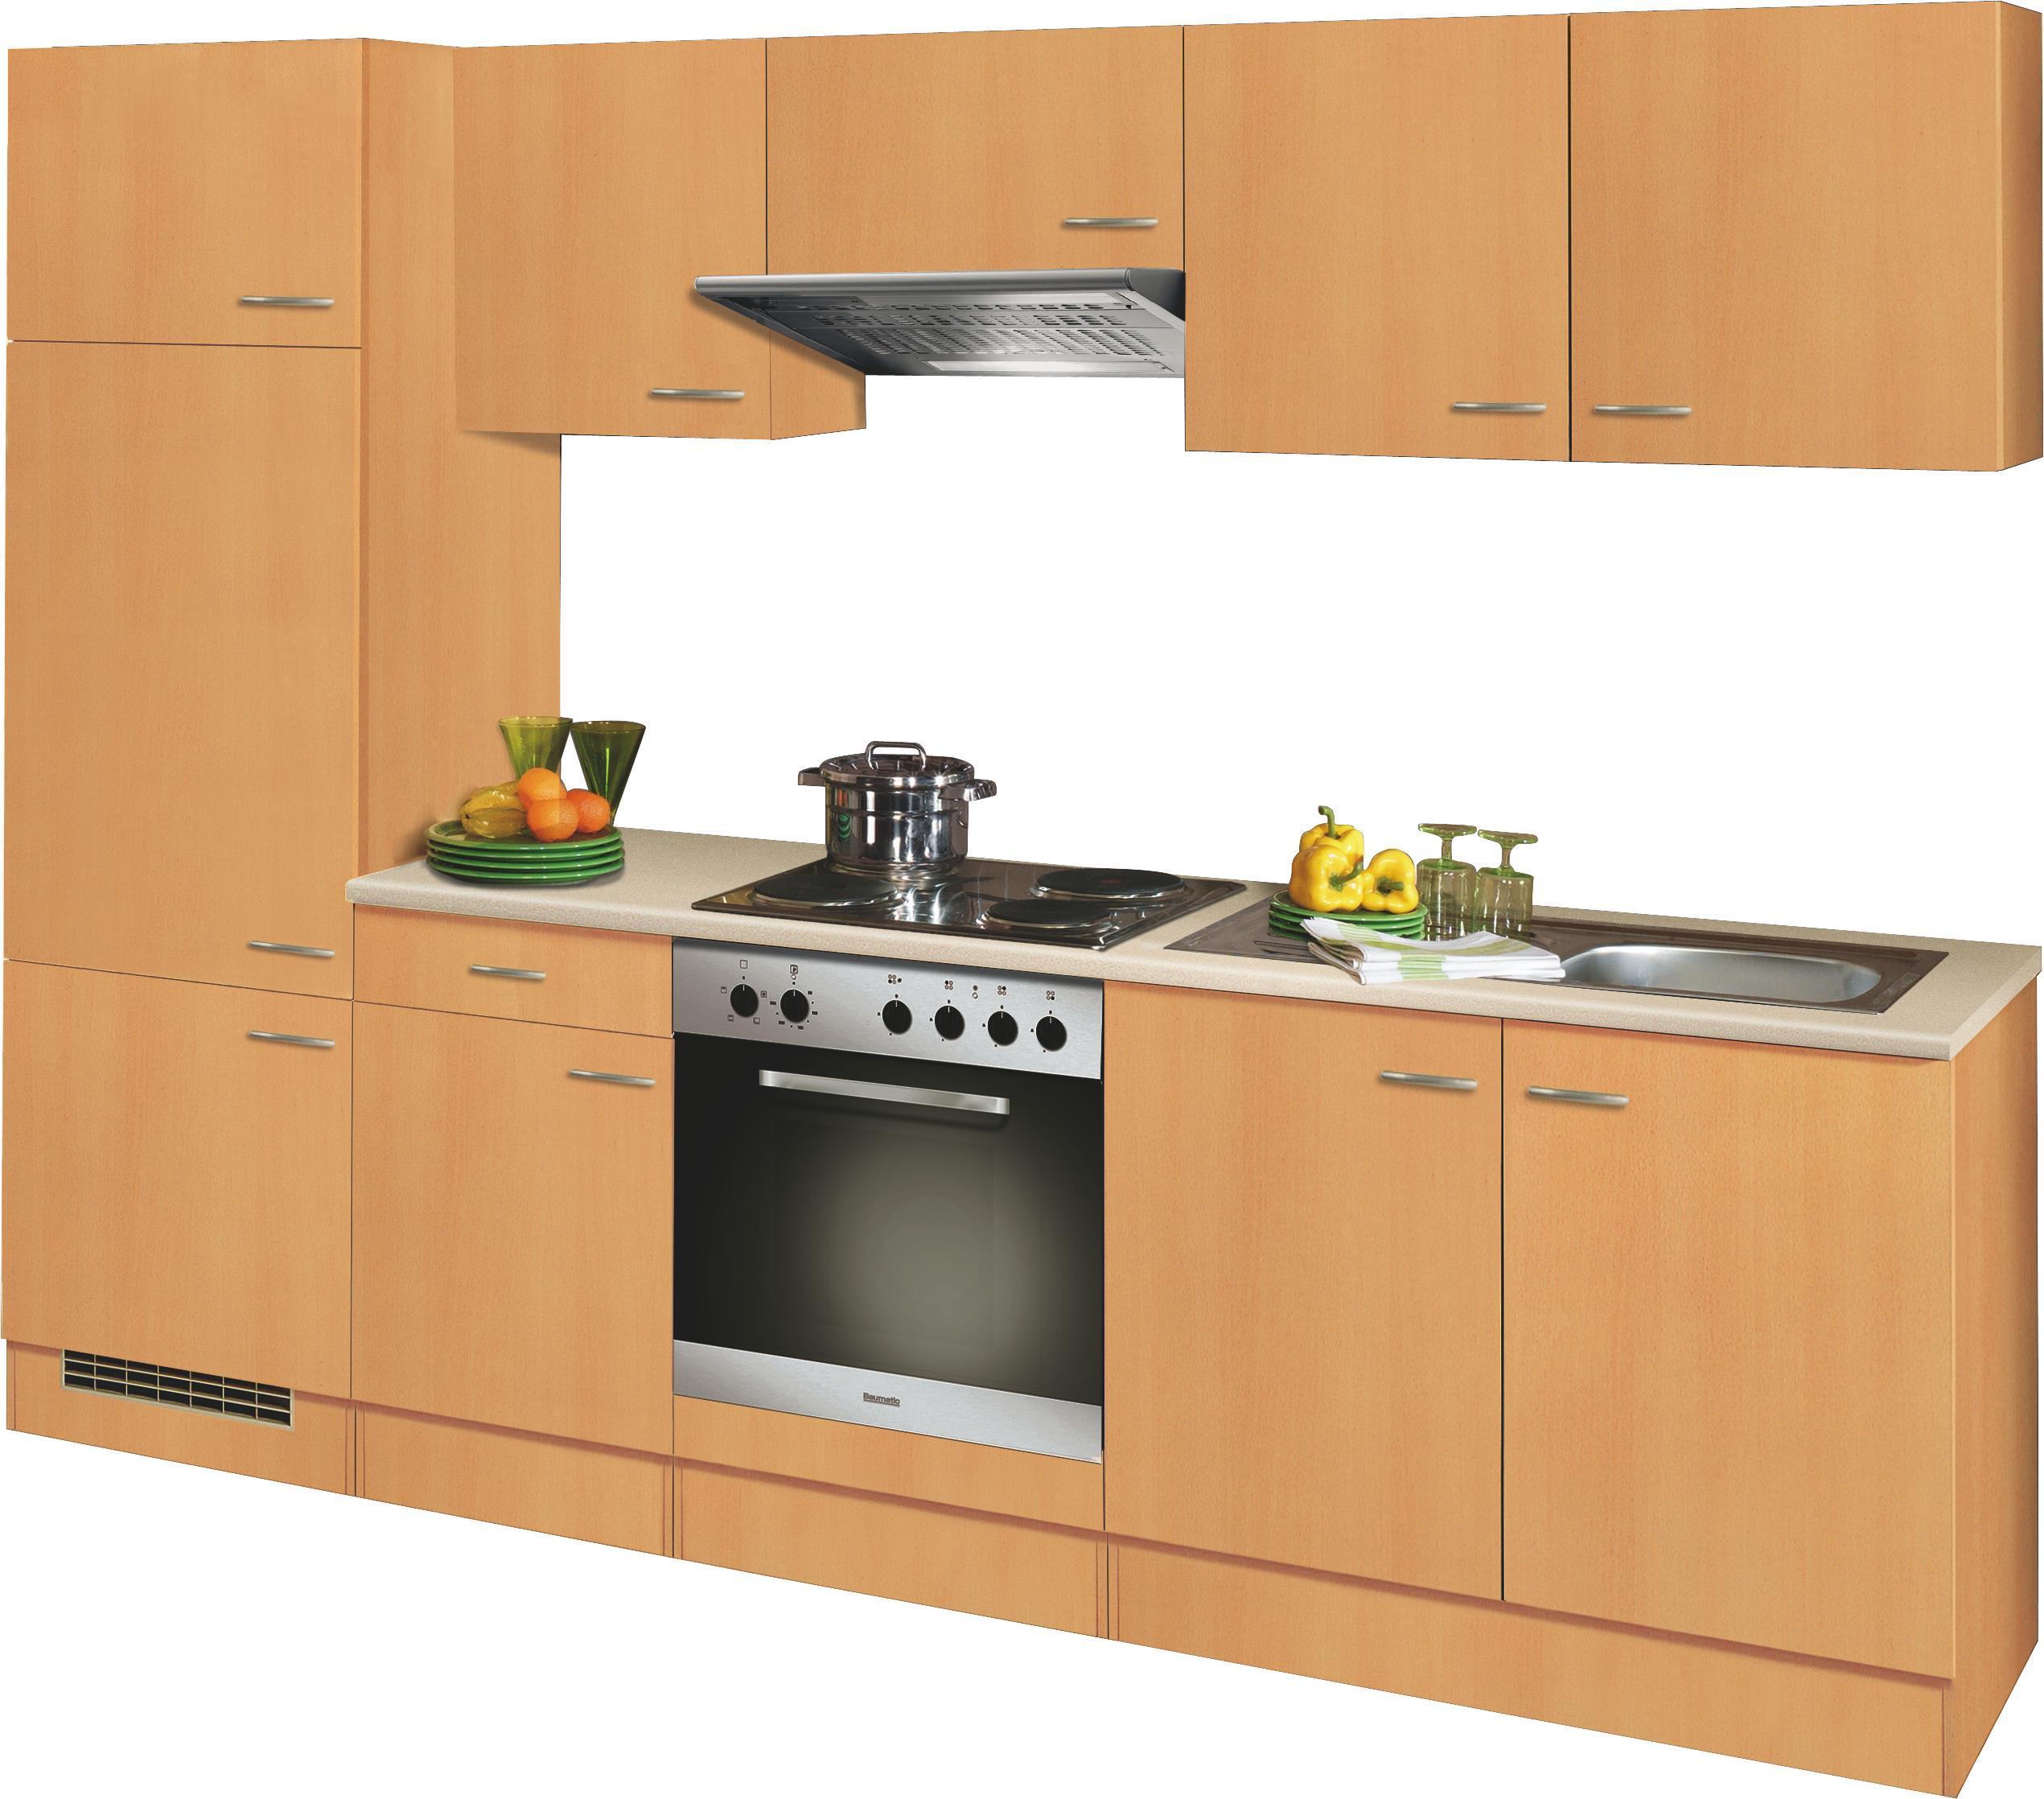 Küchenoberschrank in Buche Dekor online kaufen